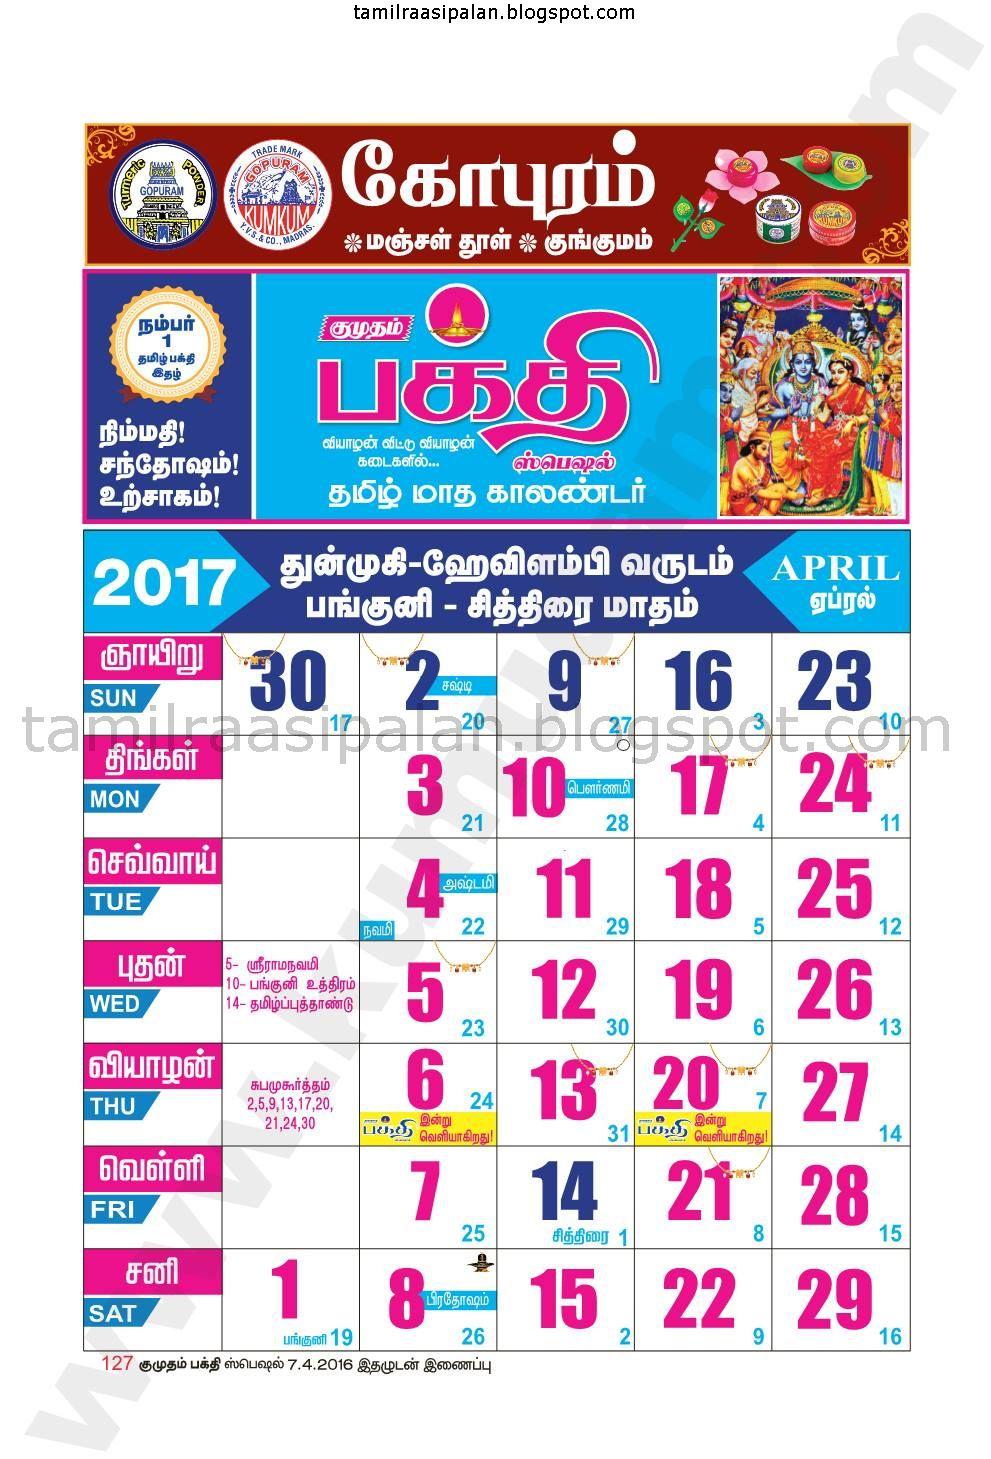 Panguni - Chithirai Tamil Calender 2016-2017